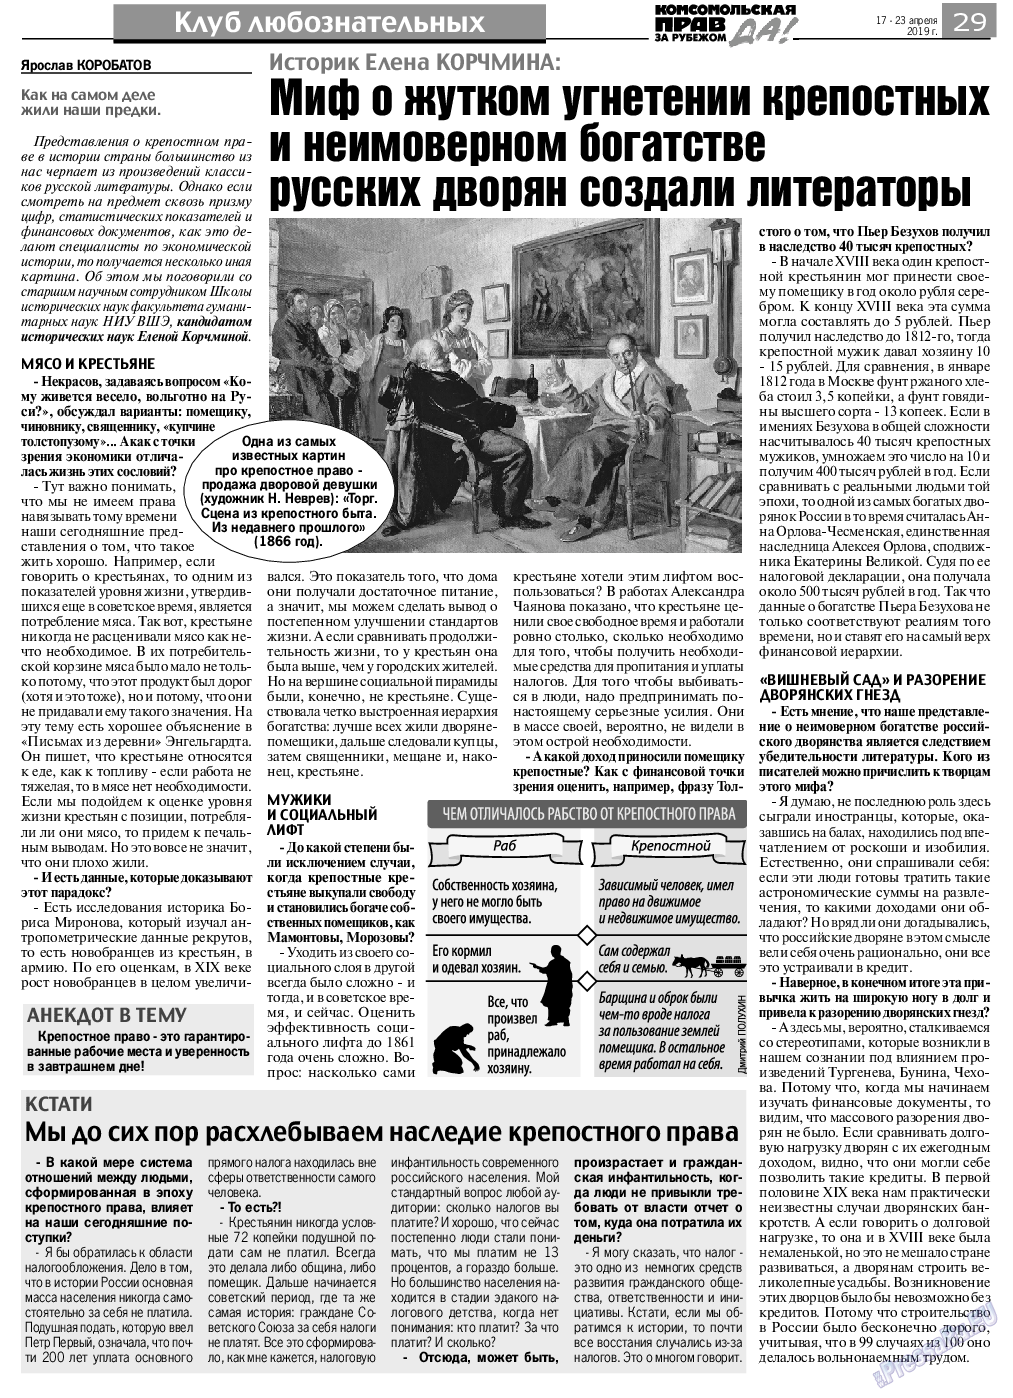 КП в Европе (газета). 2019 год, номер 16, стр. 29